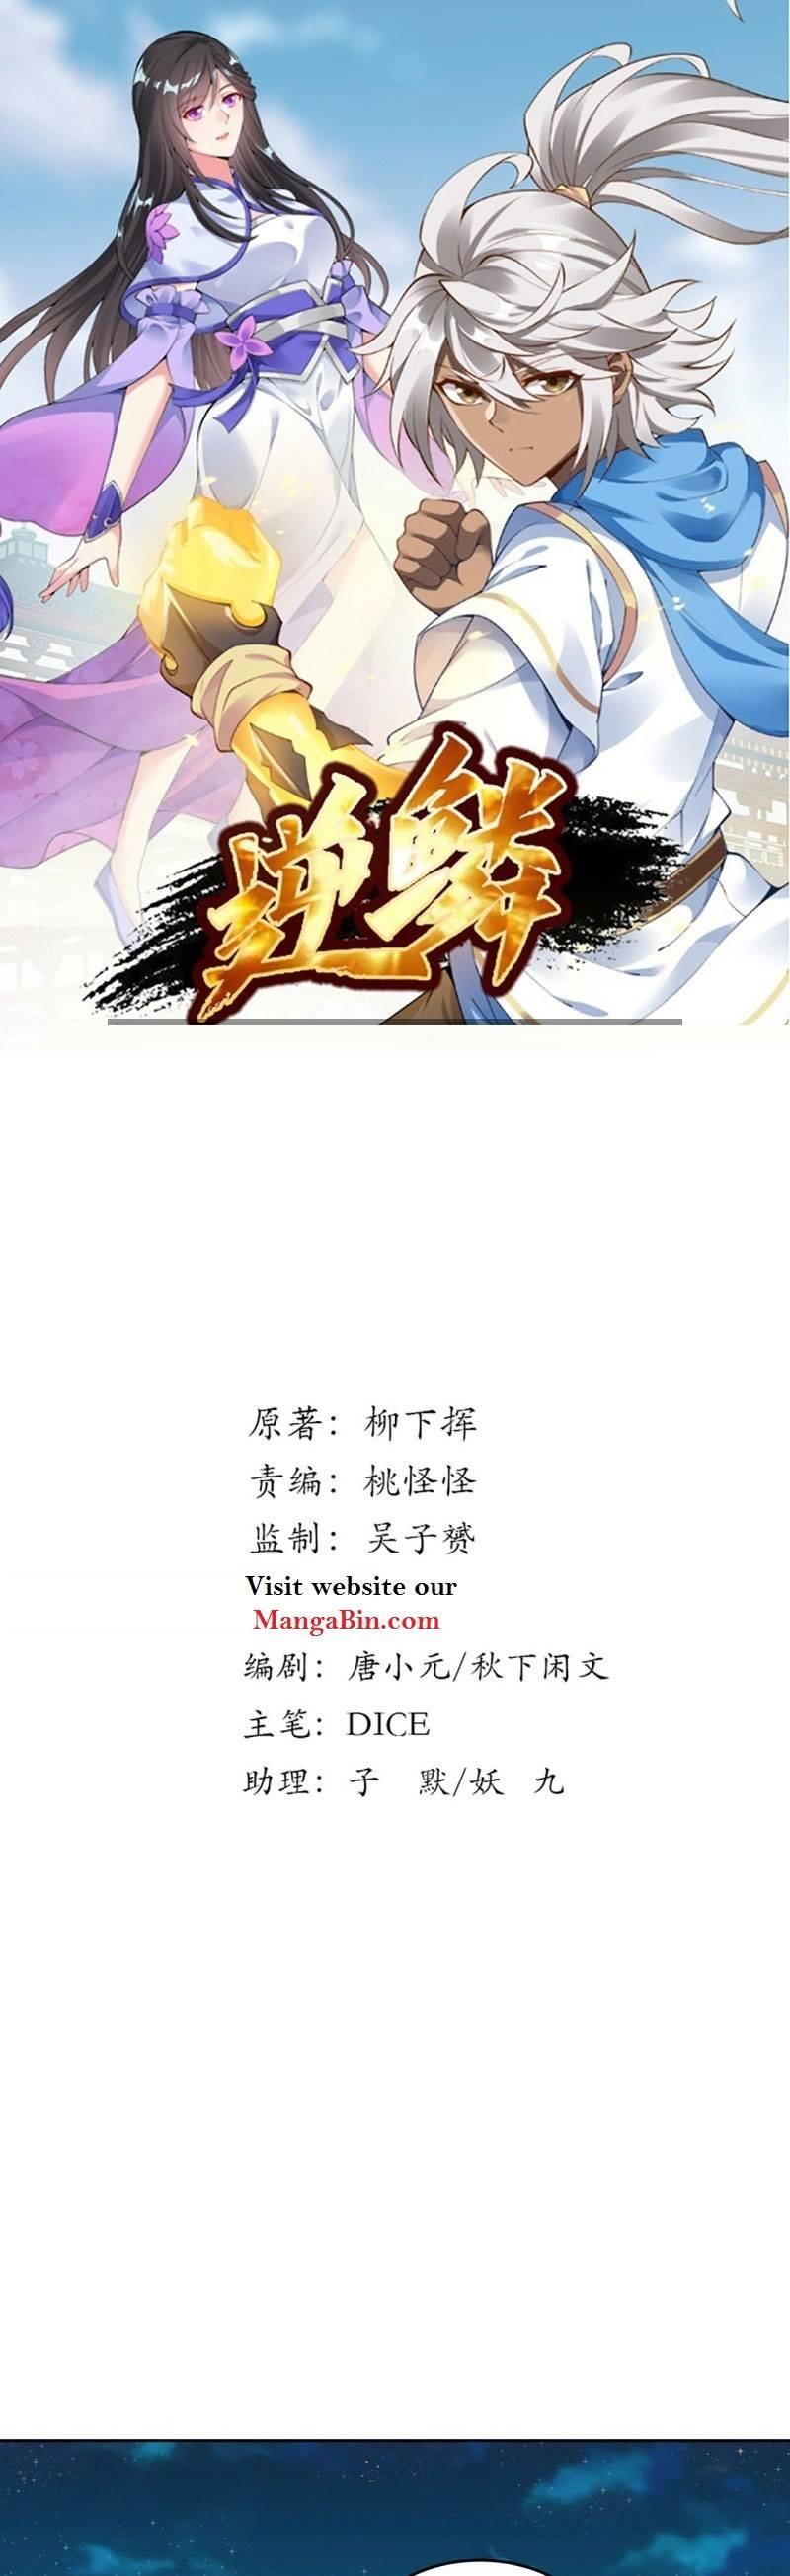 Manga Inverse Scale - Chapter 132 Page 1